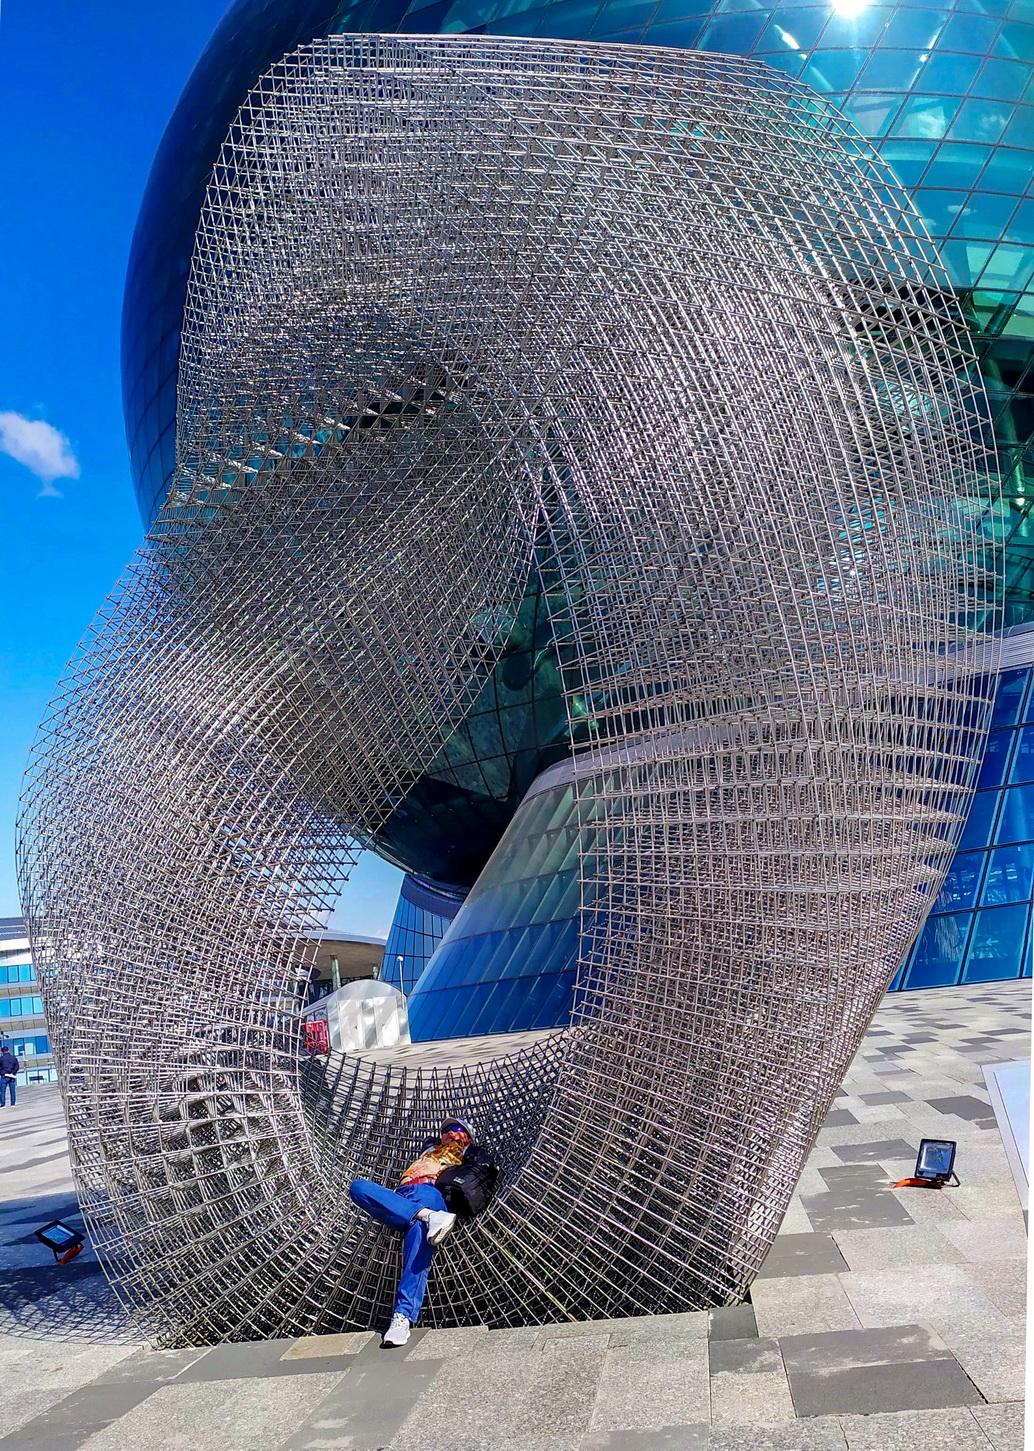 Просто релакс «Во времени и пространстве». Так называется эта удивительная сетчато-металлическая композиция мастера Сакена Нарынова.